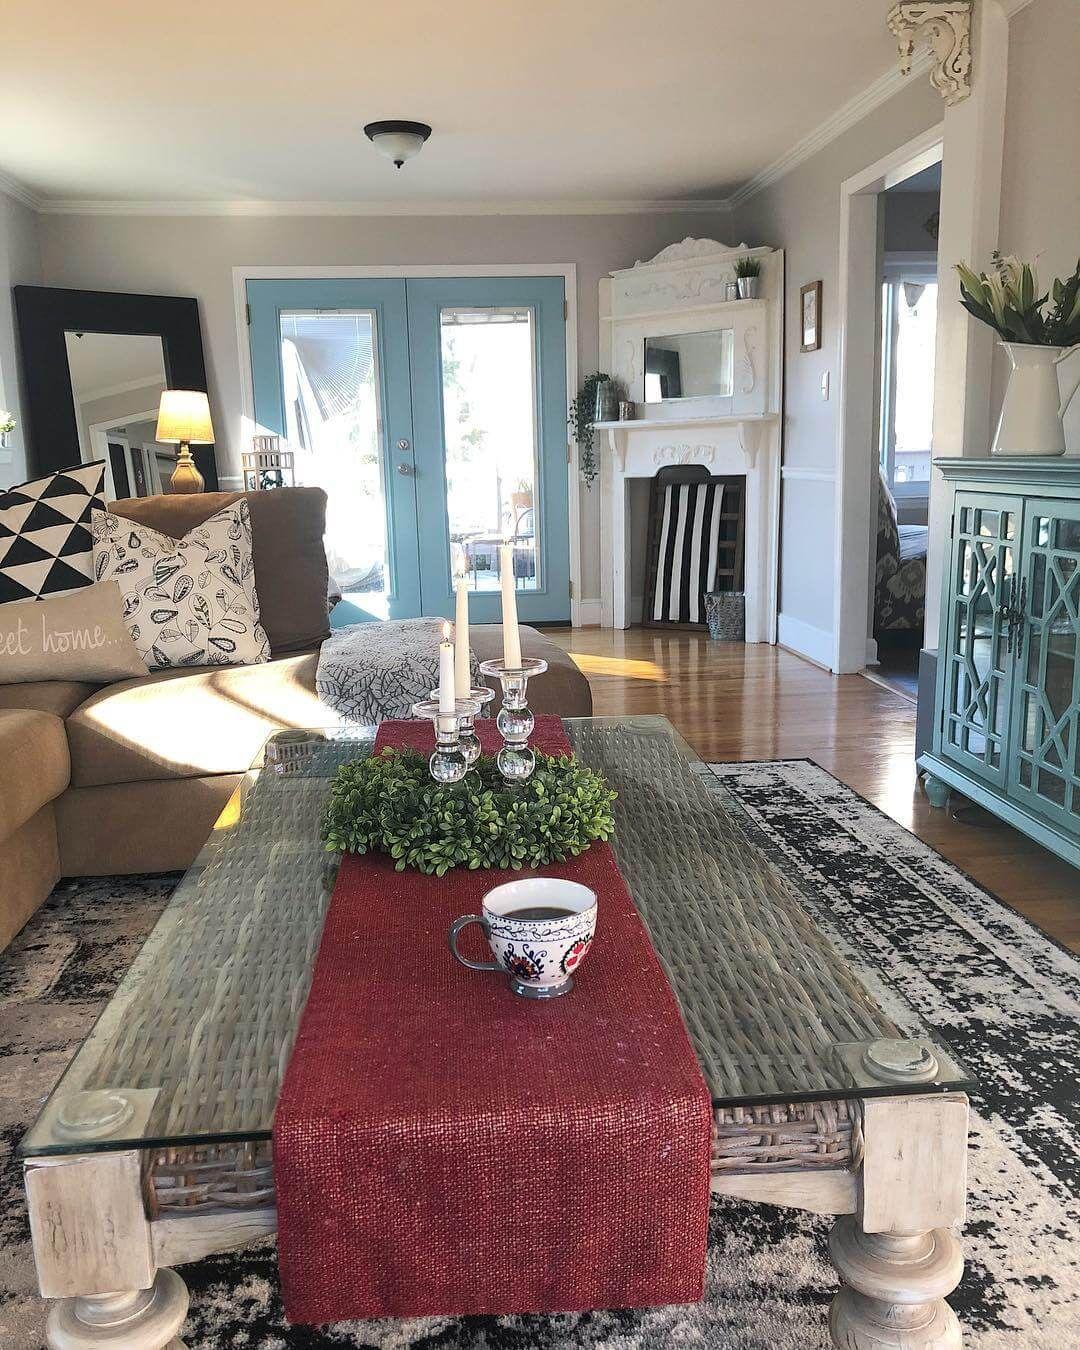 design 2022 | Living room, Living room designs, Room